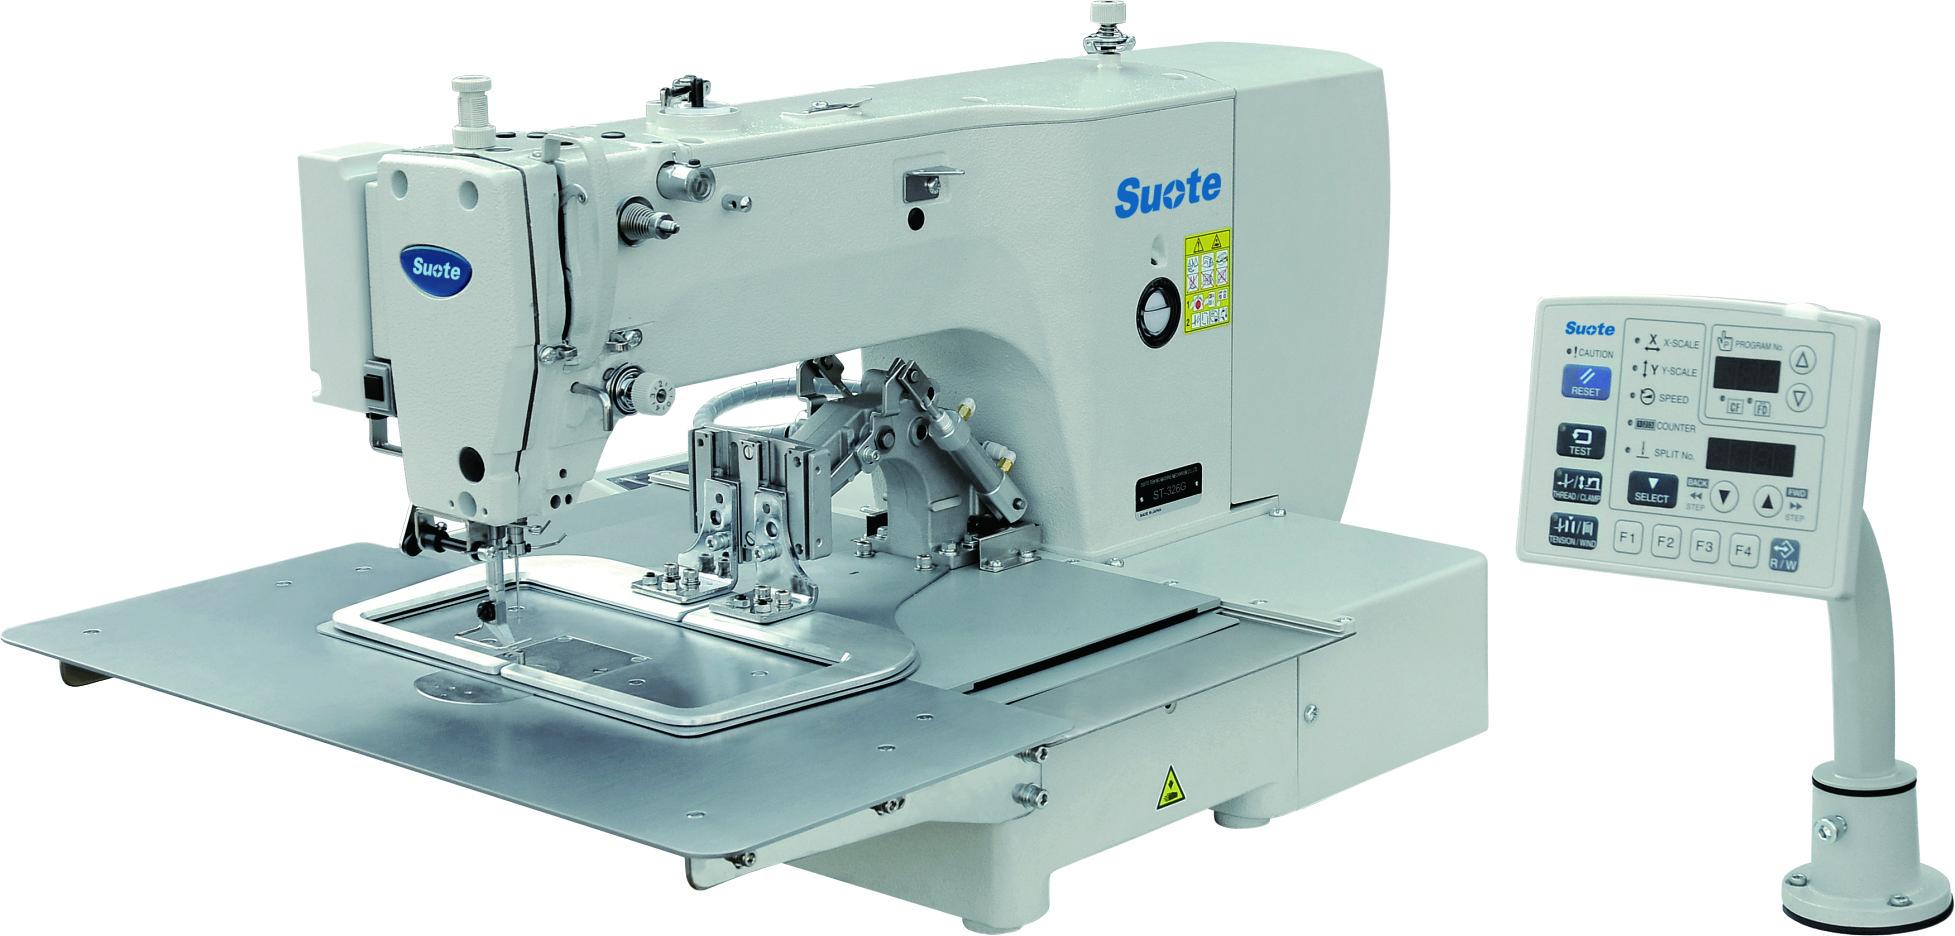 एक औद्योगिक सिलाई मशीन का चयन कैसे करें